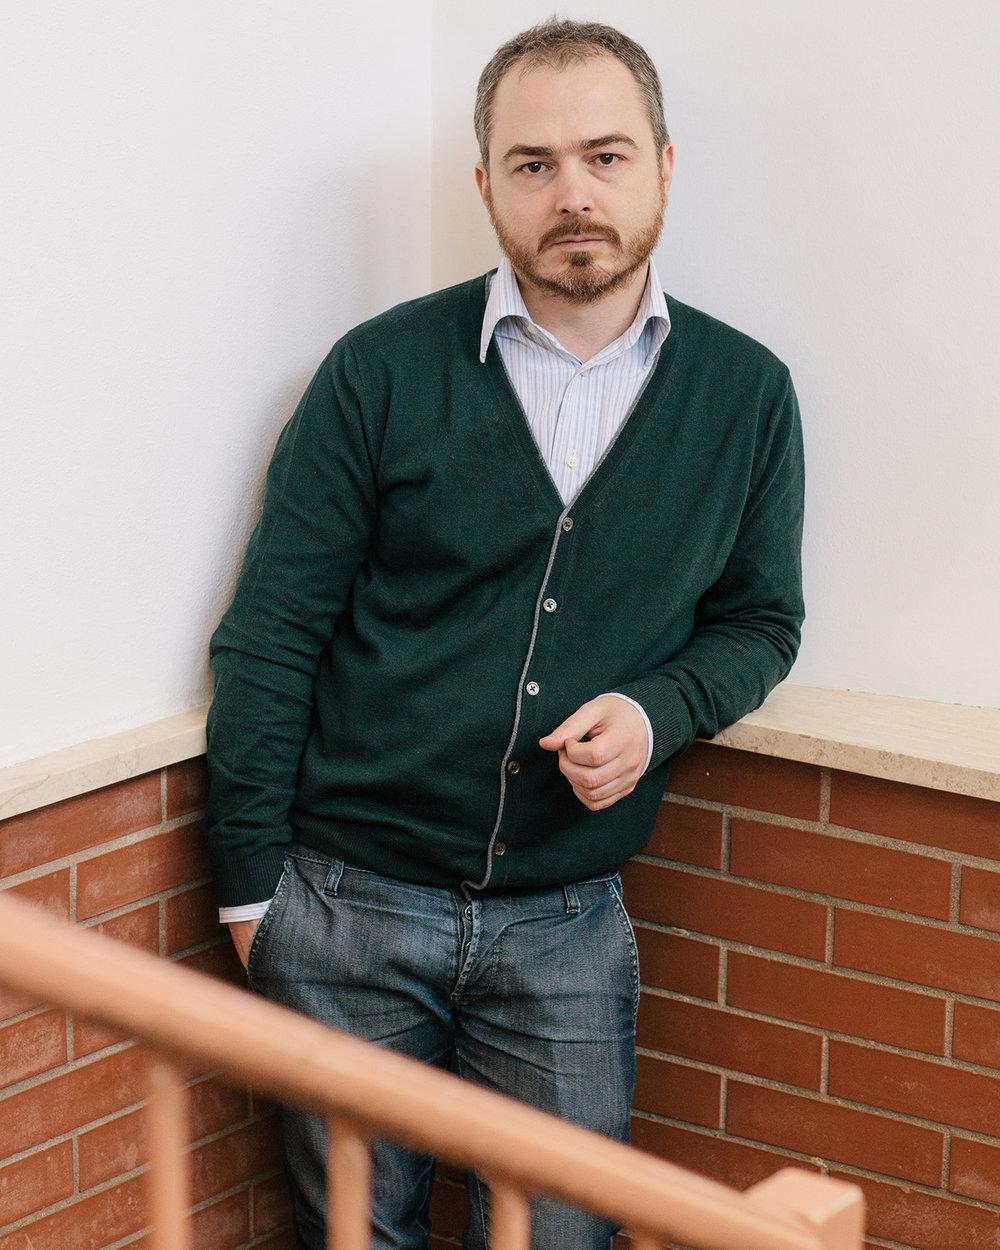 Christian Cipriani for RLab - La Repubblica